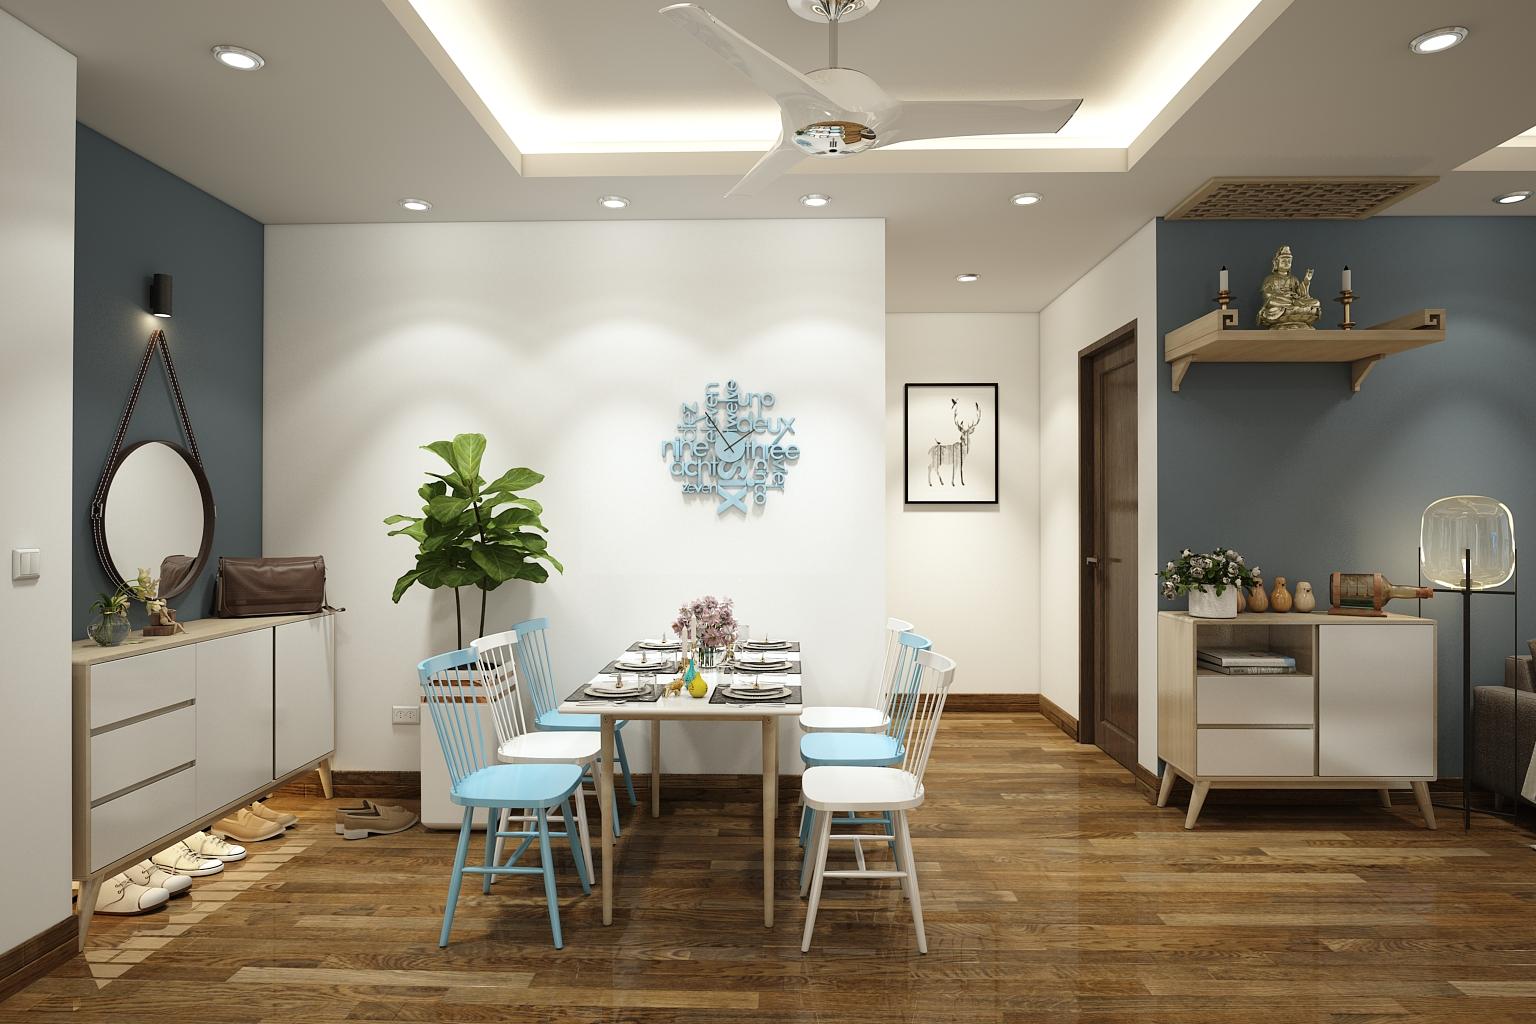 thiết kế nội thất chung cư tại Hà Nội Chung Cư An Bình City 5 1538039756